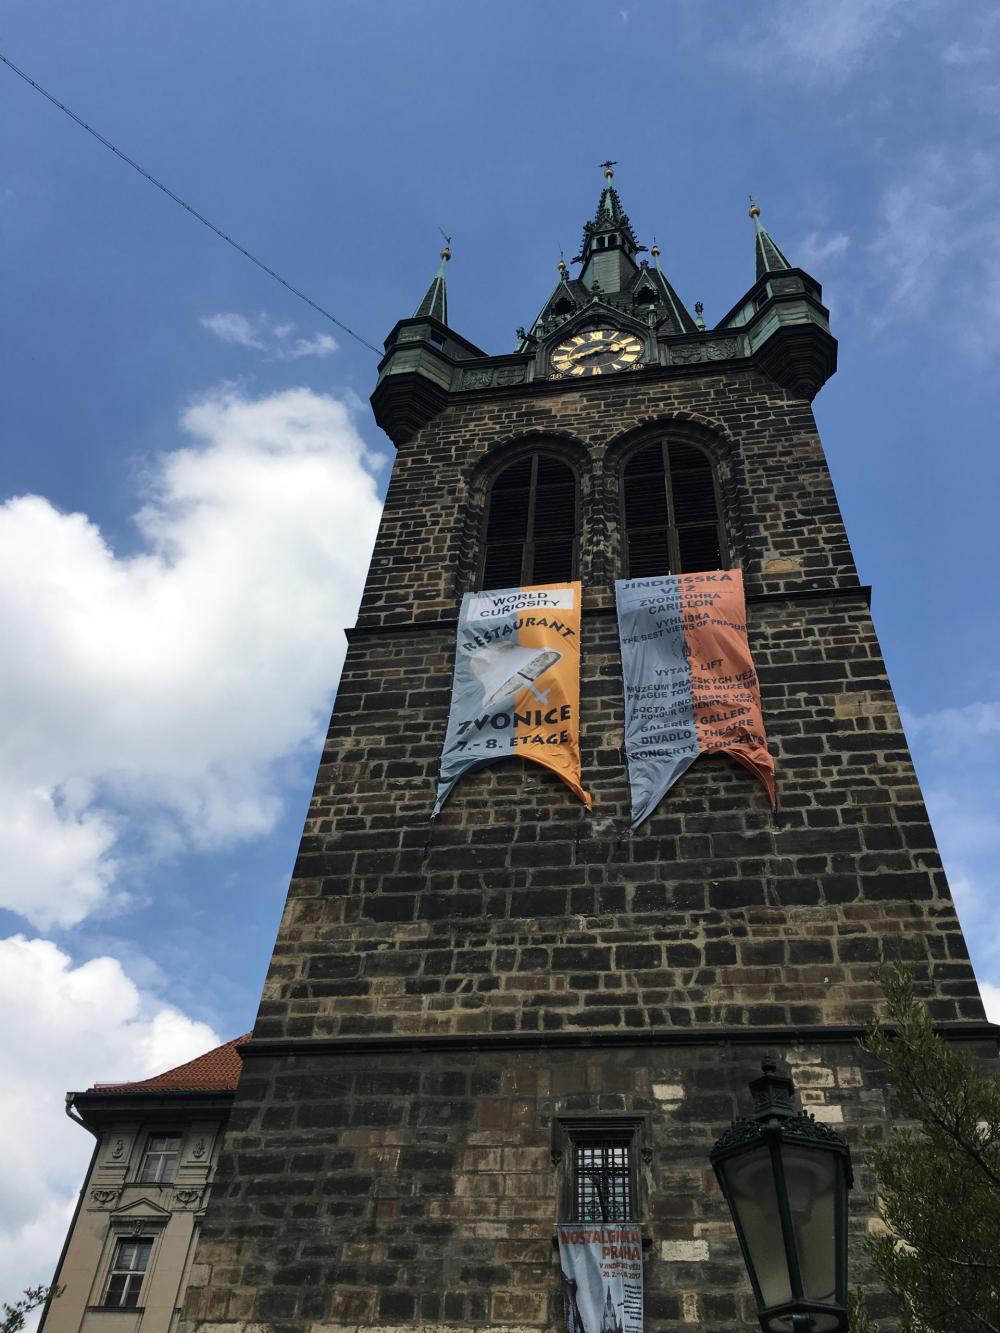 Jindrissska torony